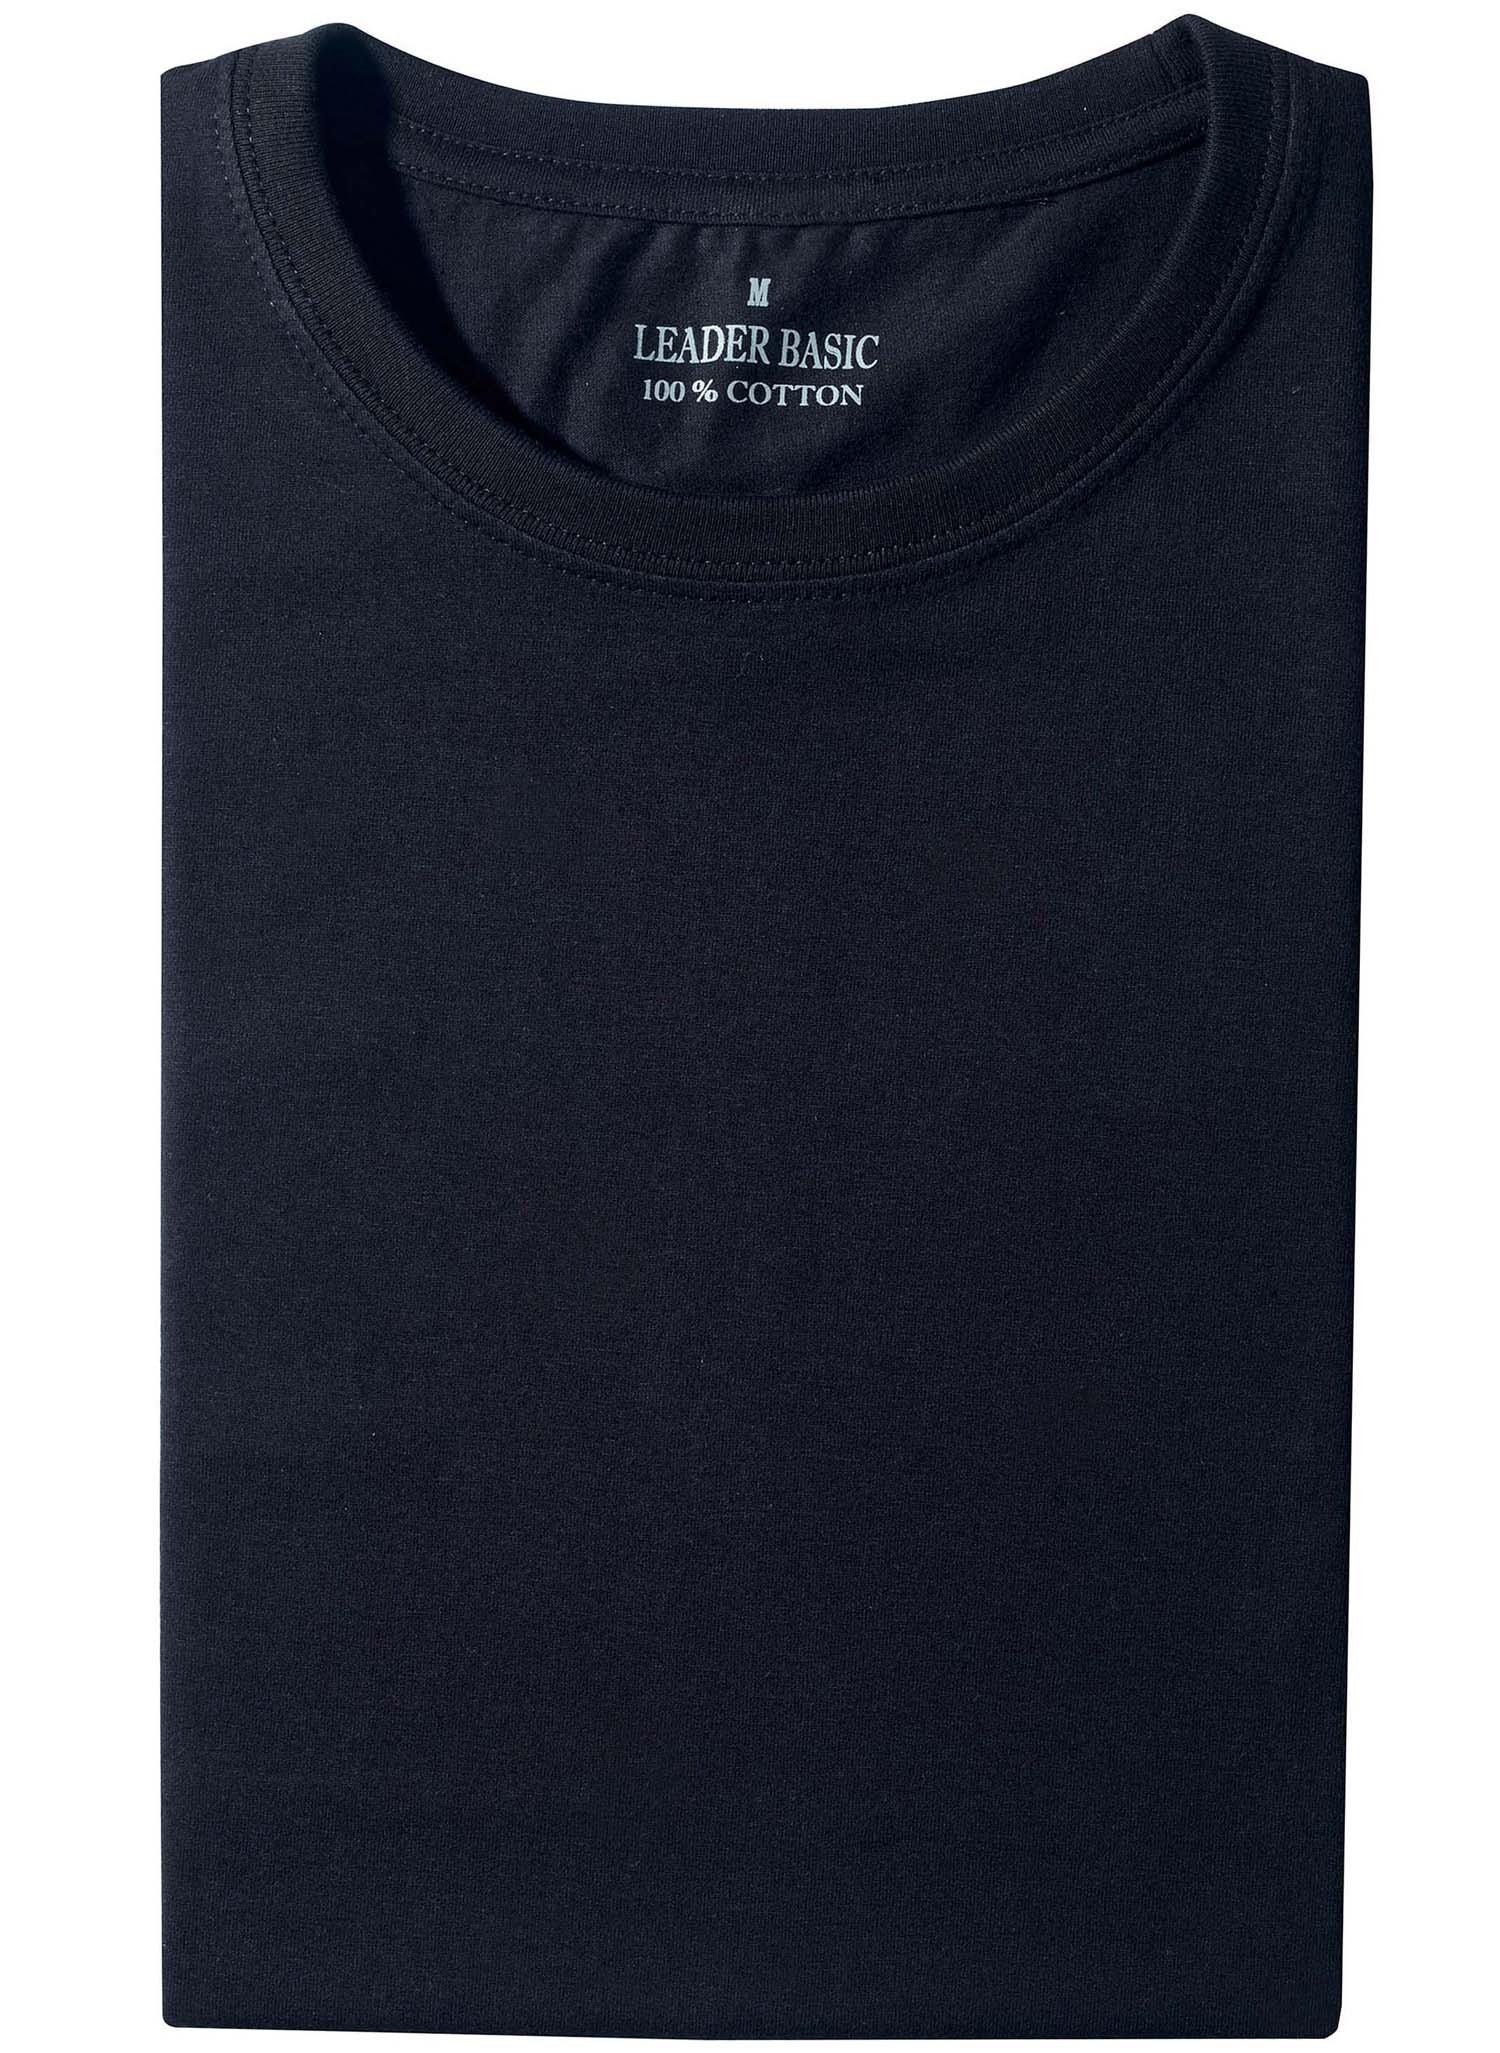 U-Duo-Pack-Shirt schwarz L 010 - 3 - Ronja.ch